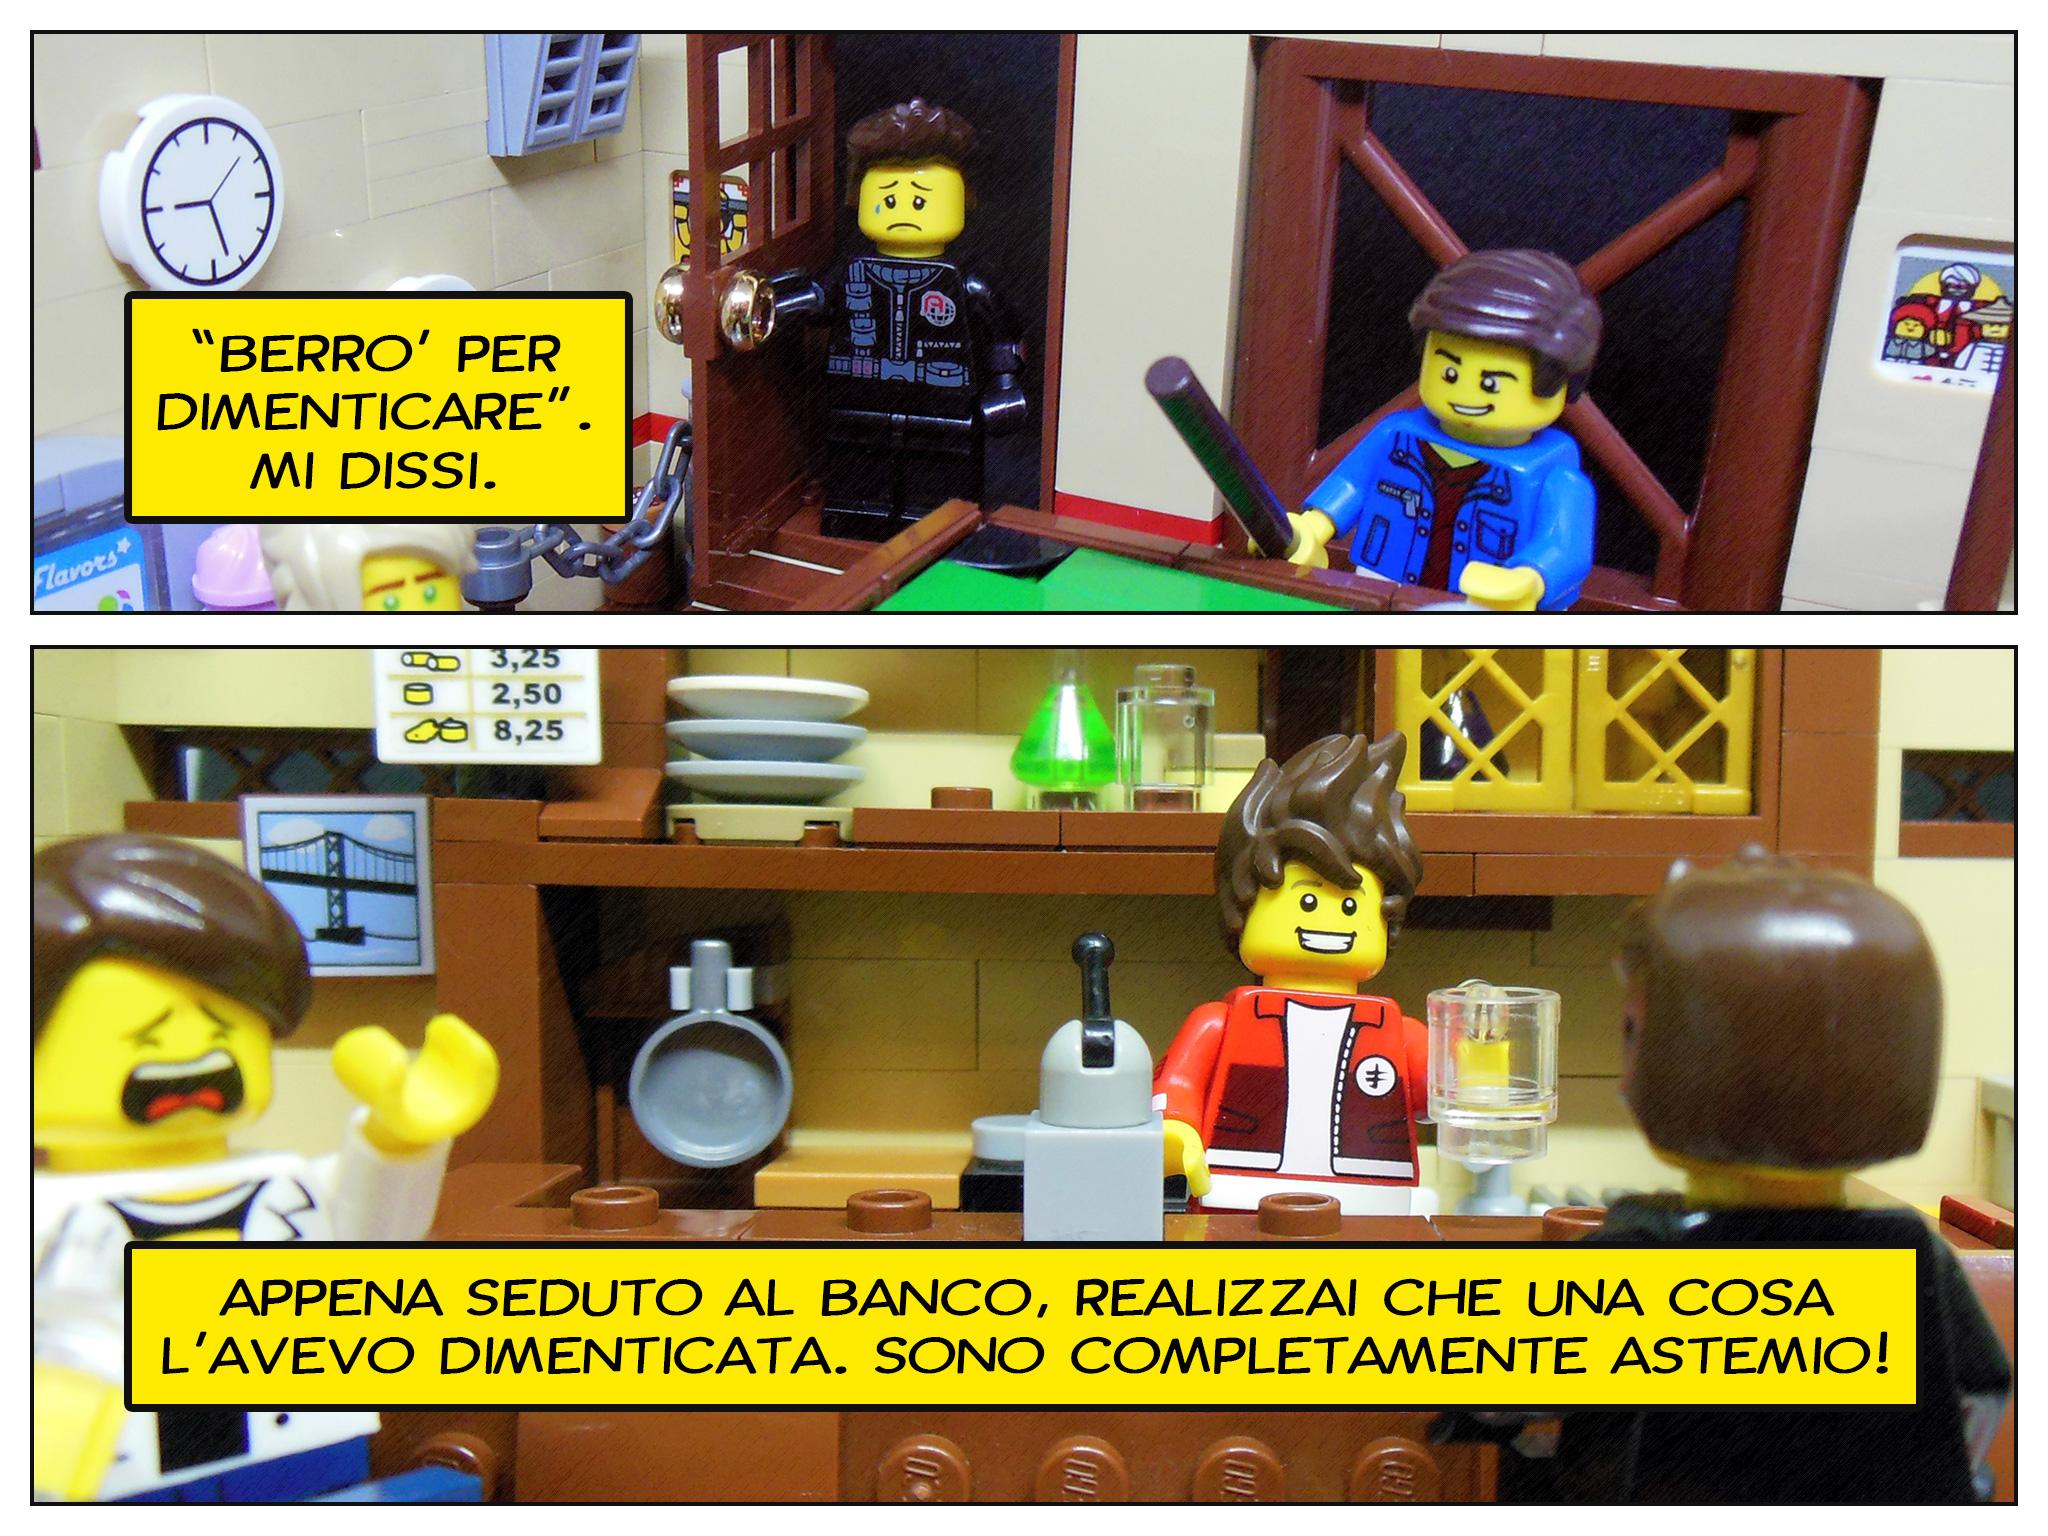 Faccio quello che voglio, il prequel a Lego fumetti - stop. dimentica